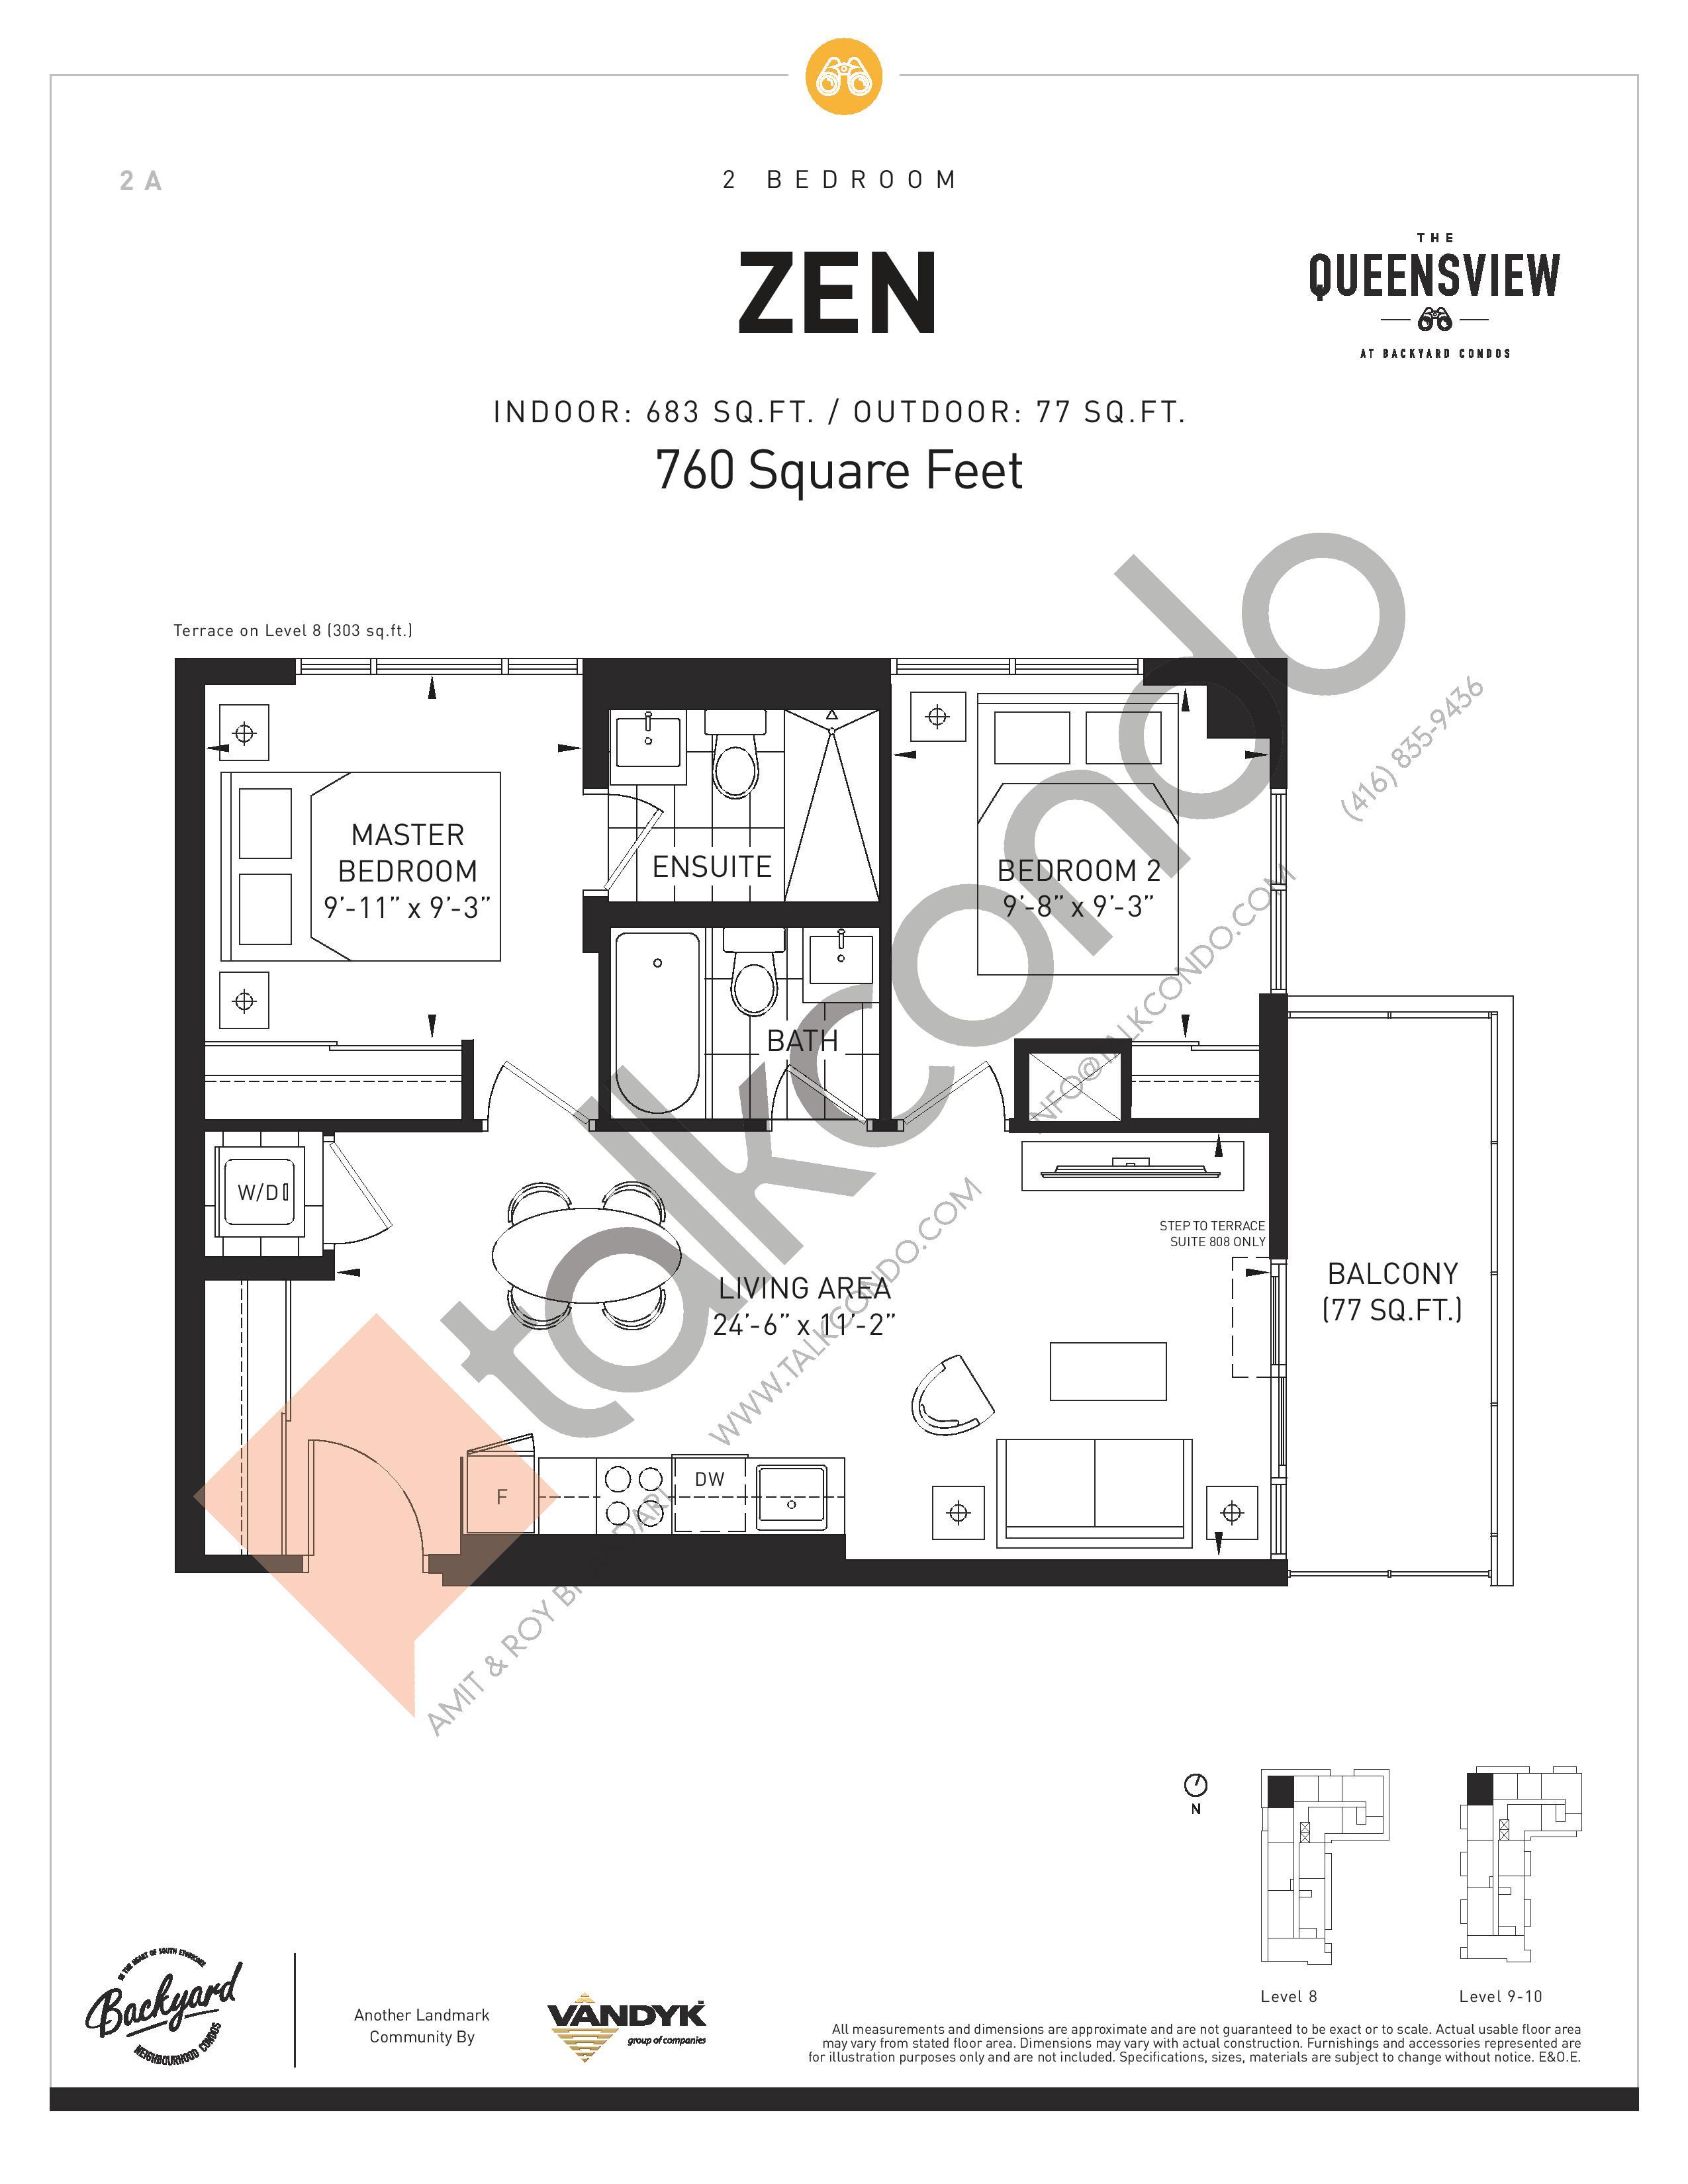 Zen Floor Plan at The Queensview at Backyard Condos - 683 sq.ft